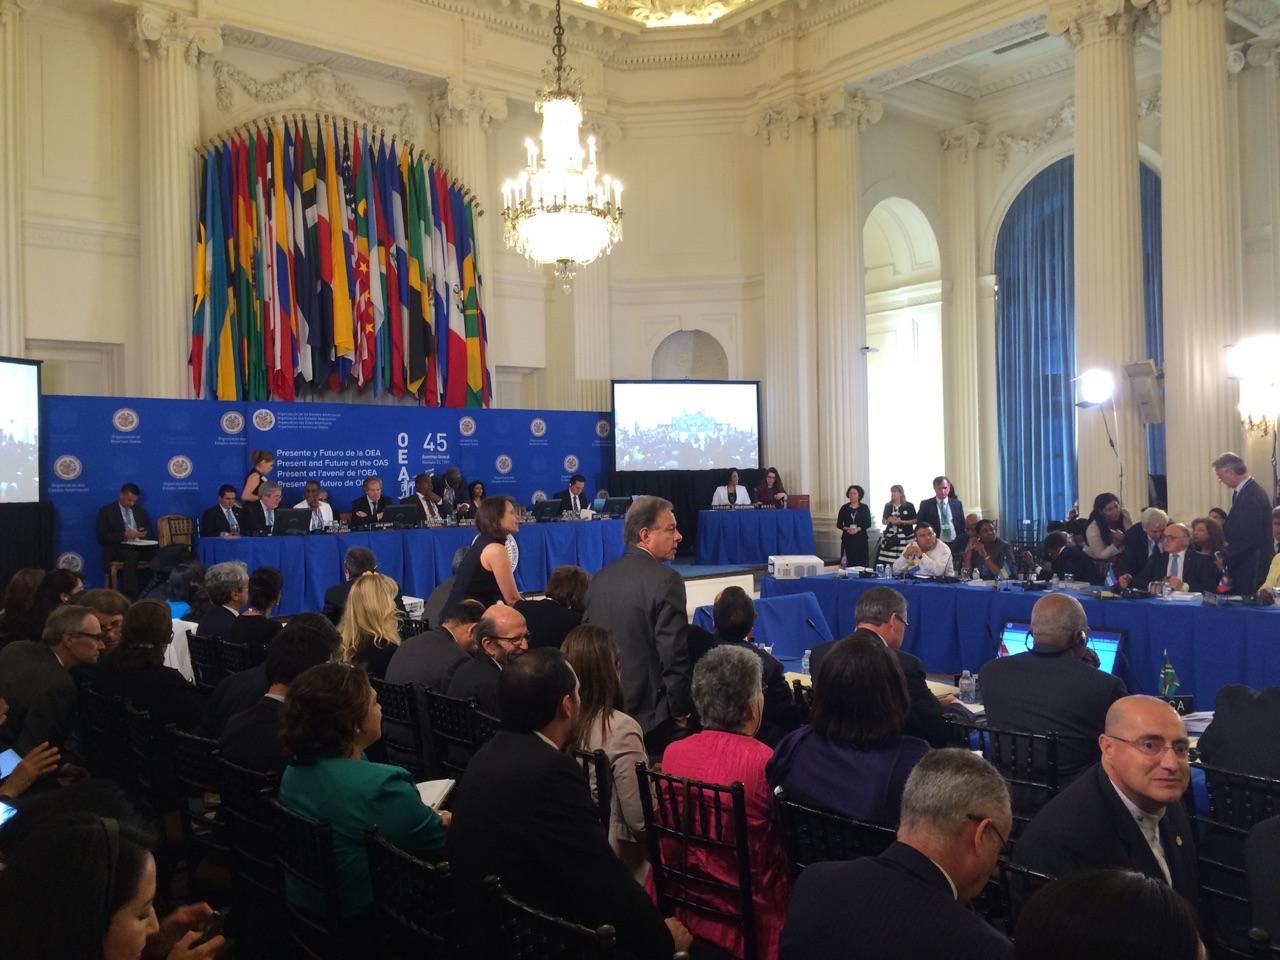 Enrique_gil_botero_fue_elegido_en_la_asamblea_general_de_la_oea_como_nuevo_miembro_de_la_comision_interamericana_de_derechos_humanos